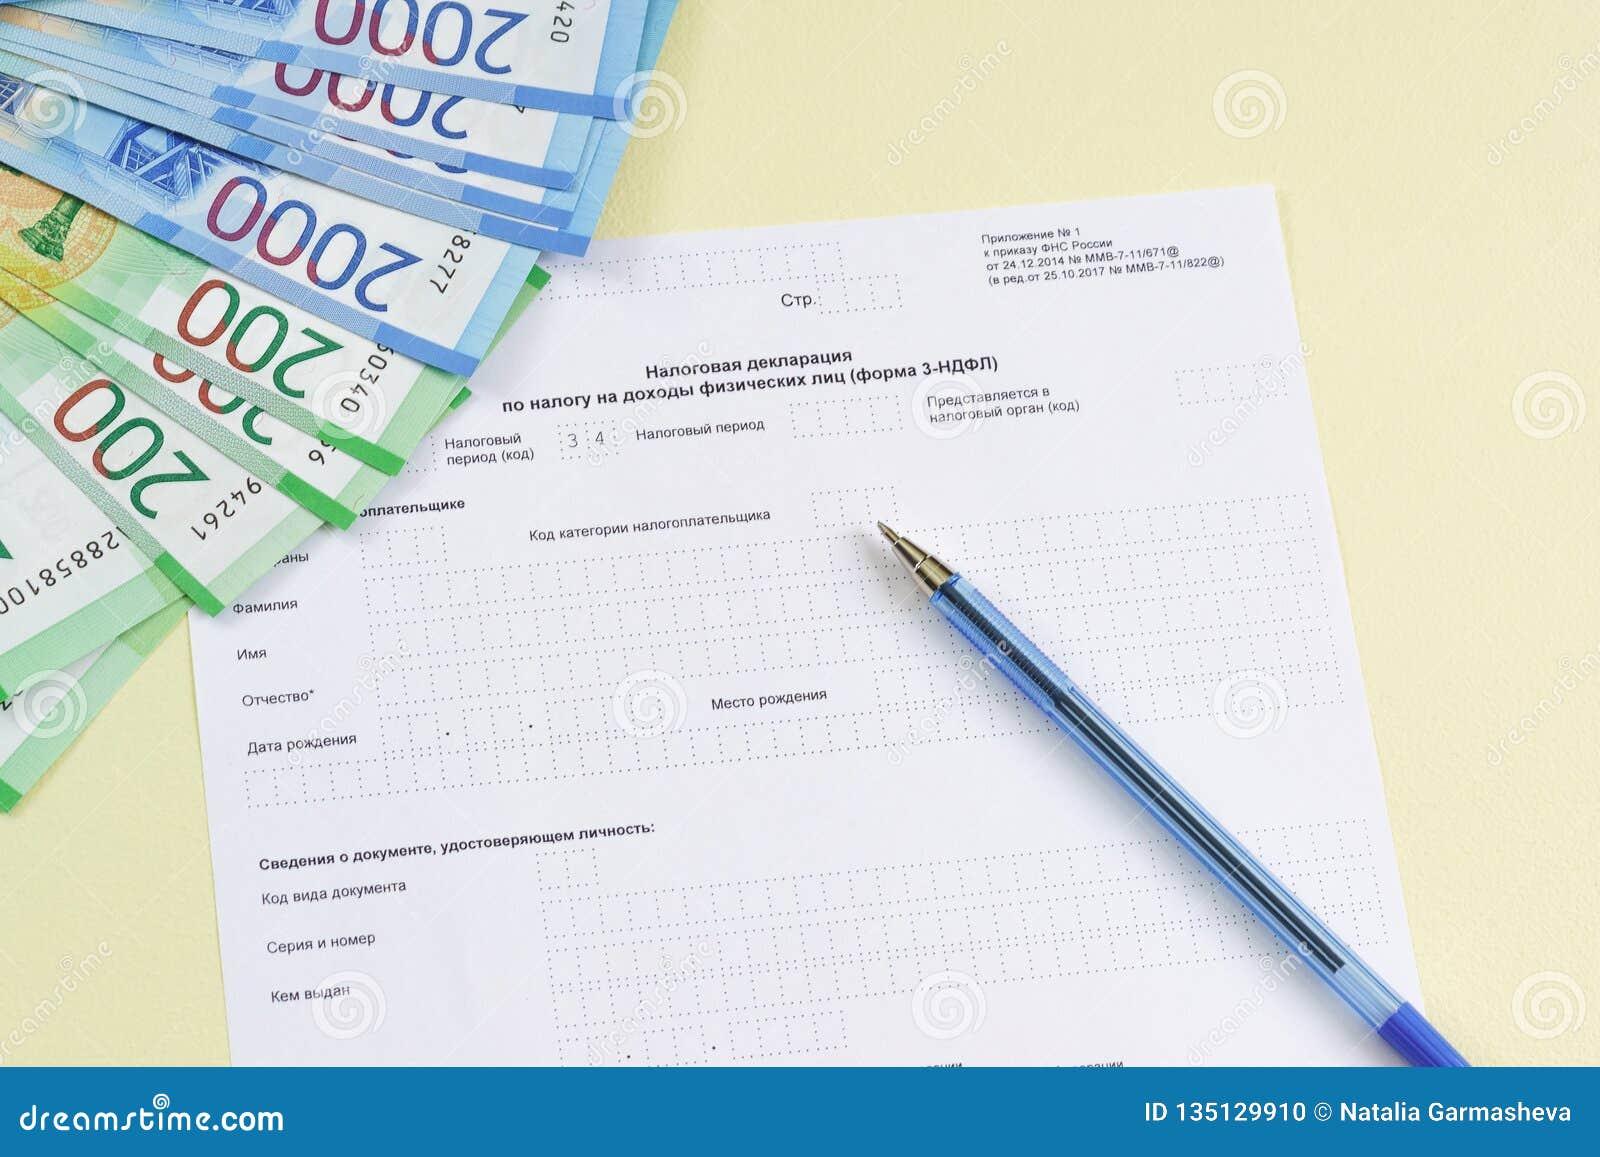 De lege vorm van het belastingsdocument in de Russische taal 'Verklaring op de belasting aan inkomens van fysieke personen vormt